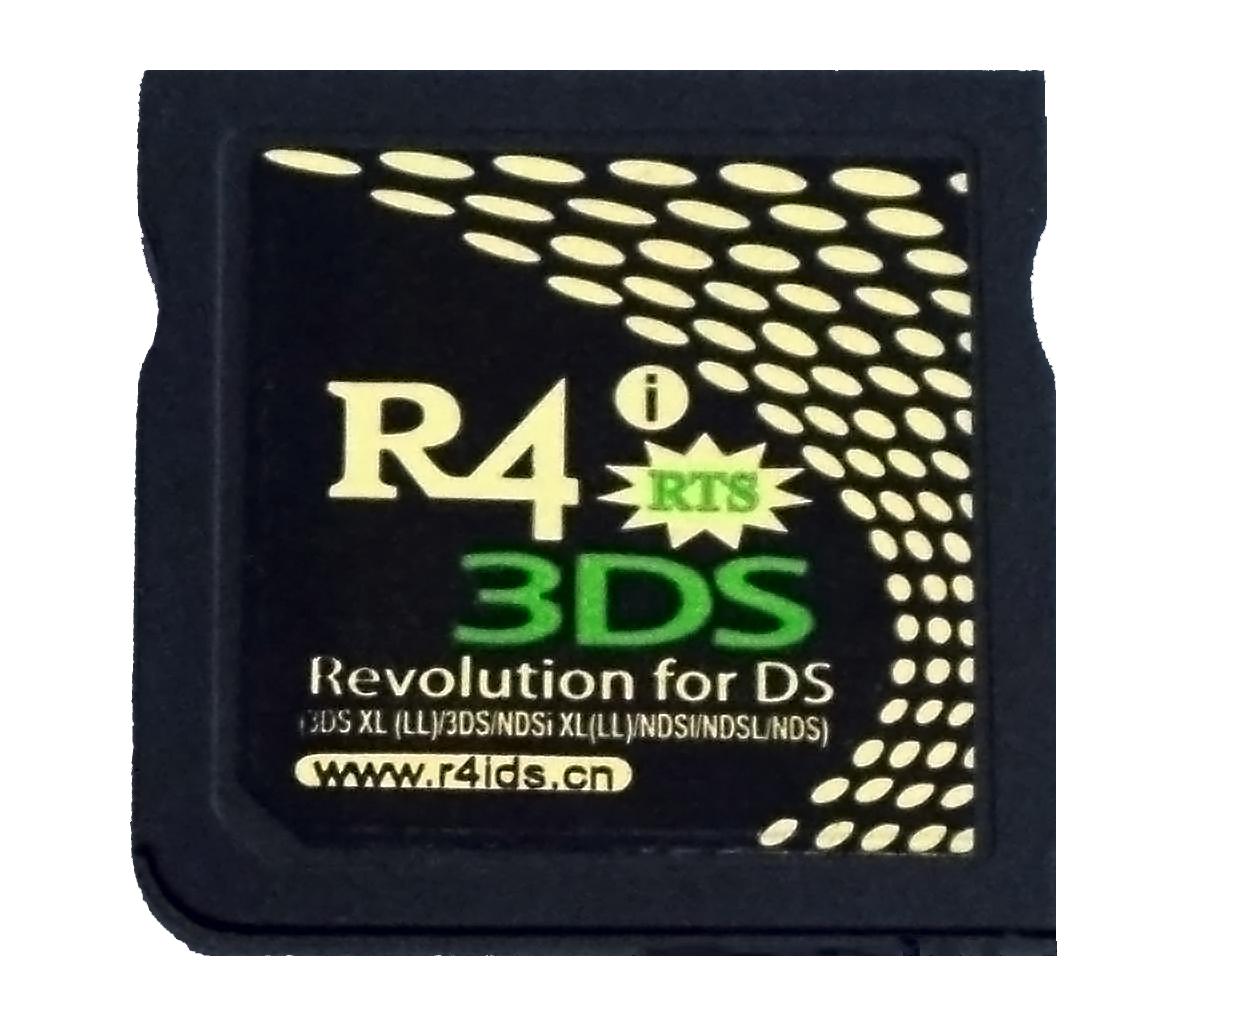 R4 cartridge - Wikipedia